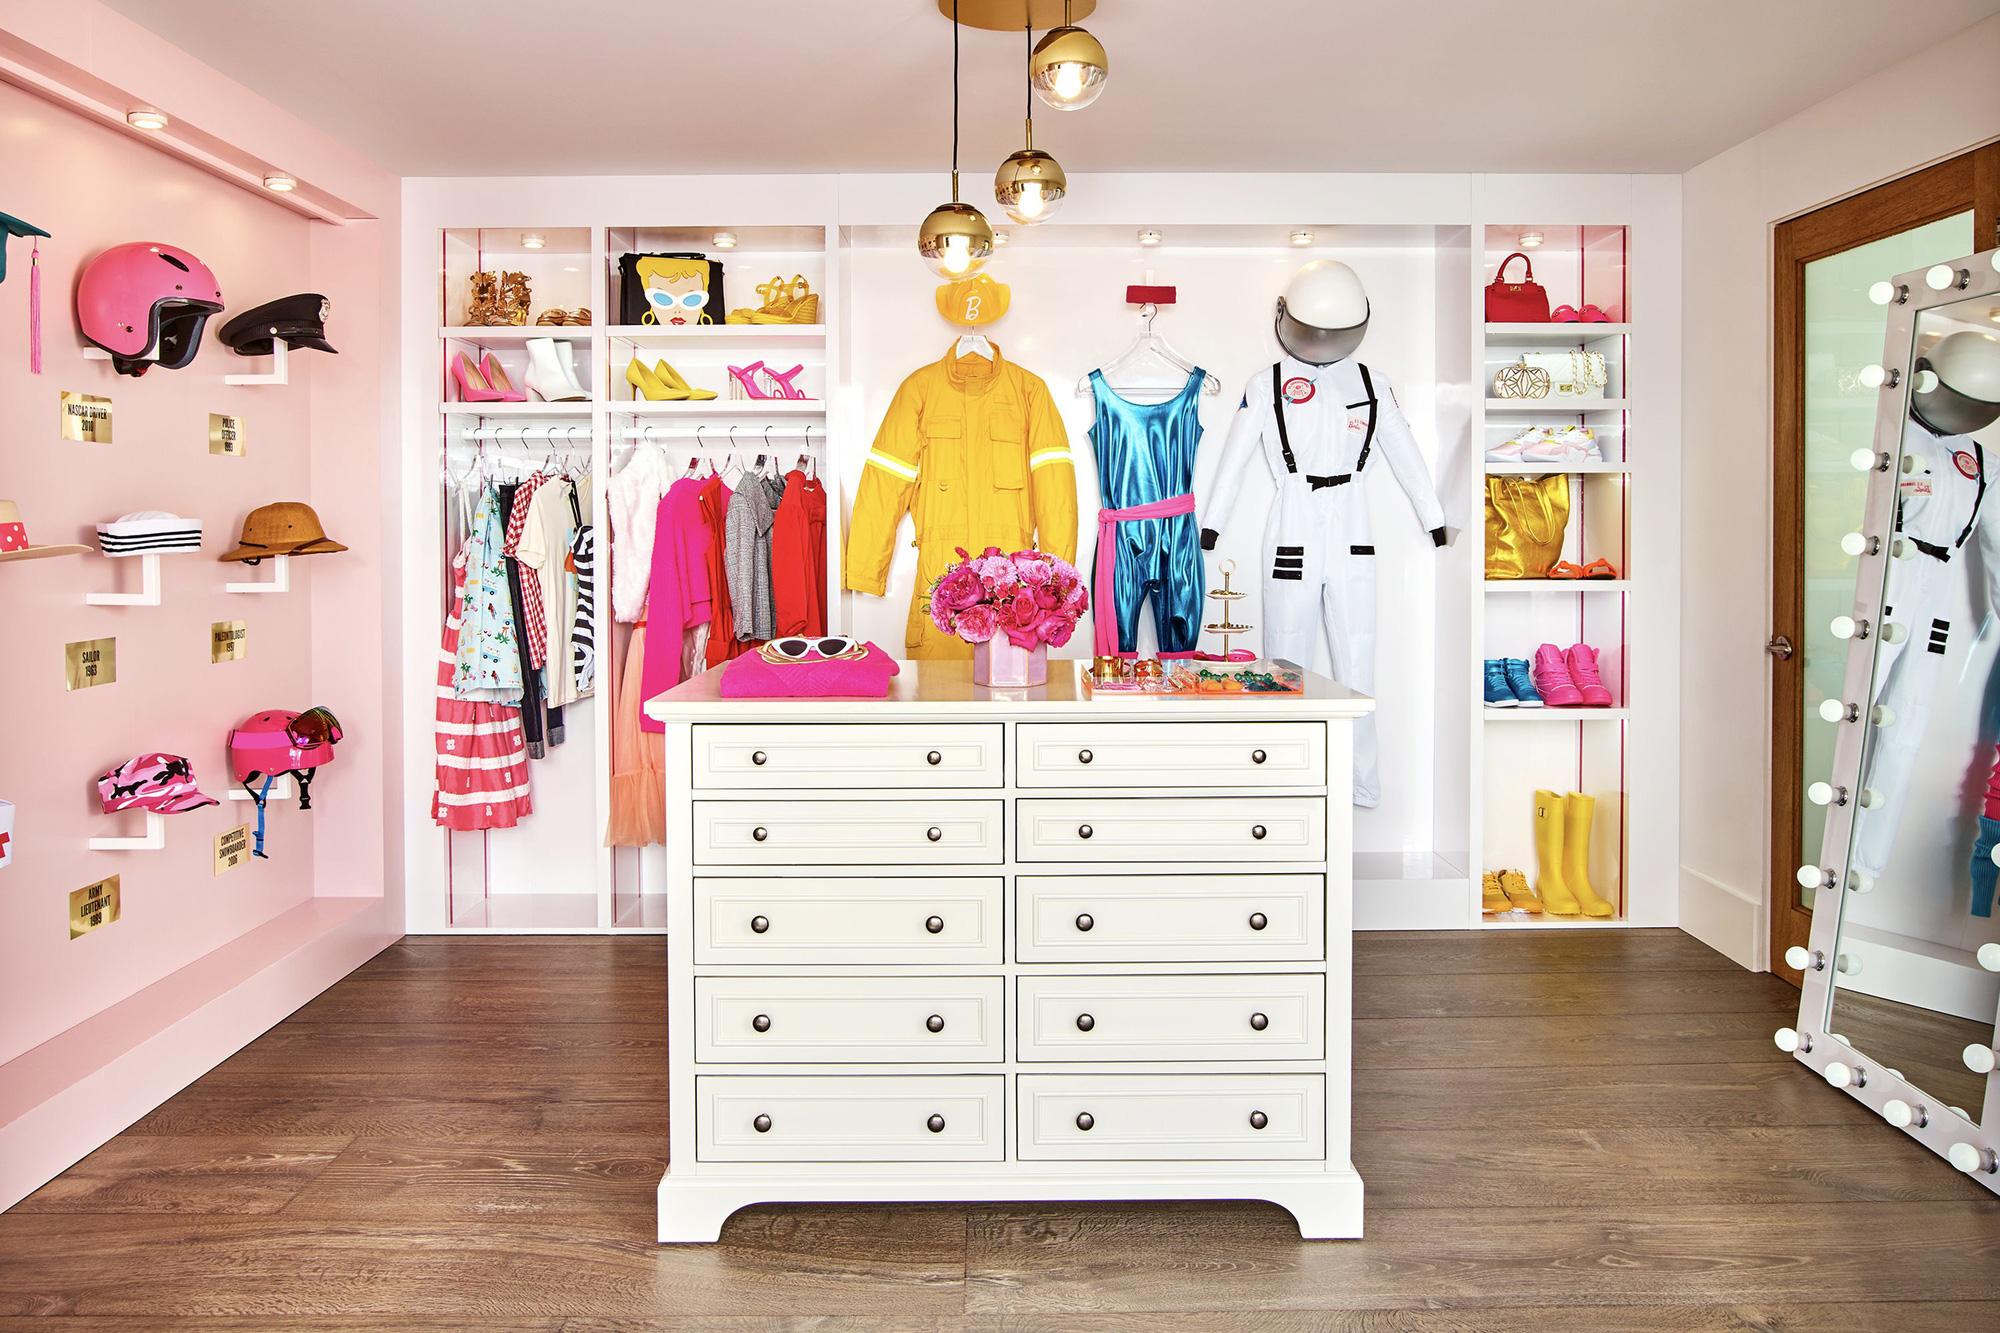 Ngôi nhà búp bê Barbie phiên bản hàng thật với giá 1,3 triệu/đêm, các cô gái nhanh tay xách vali lên nào - Ảnh 12.